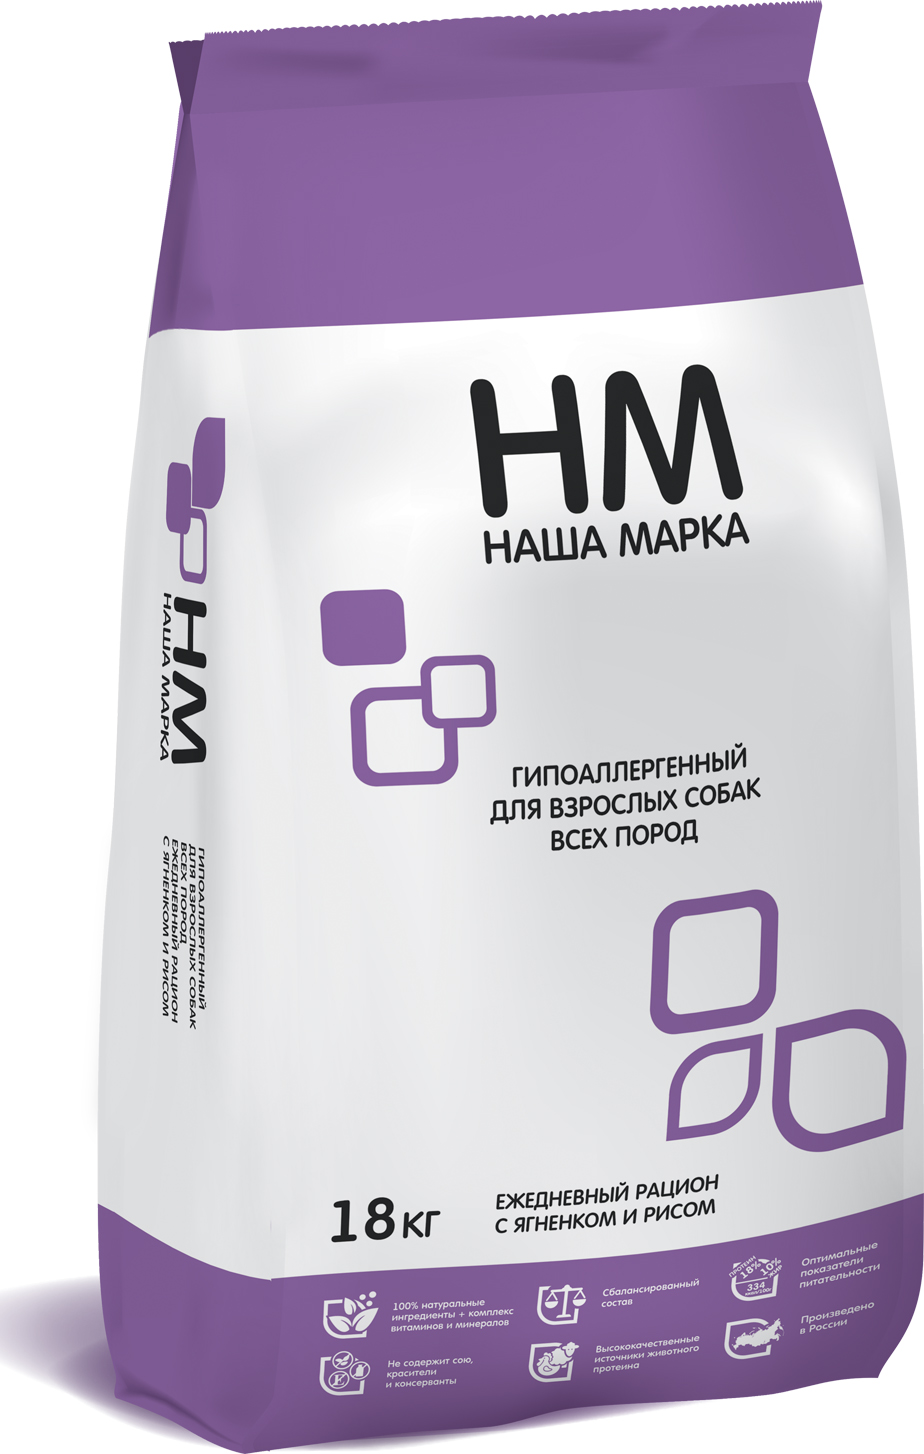 """Наша Марка """"Наша Марка"""" (18кг) д/с гипоаллерген. Ягнёнок Рис Kormberi.ru магазин товаров для ваших животных"""